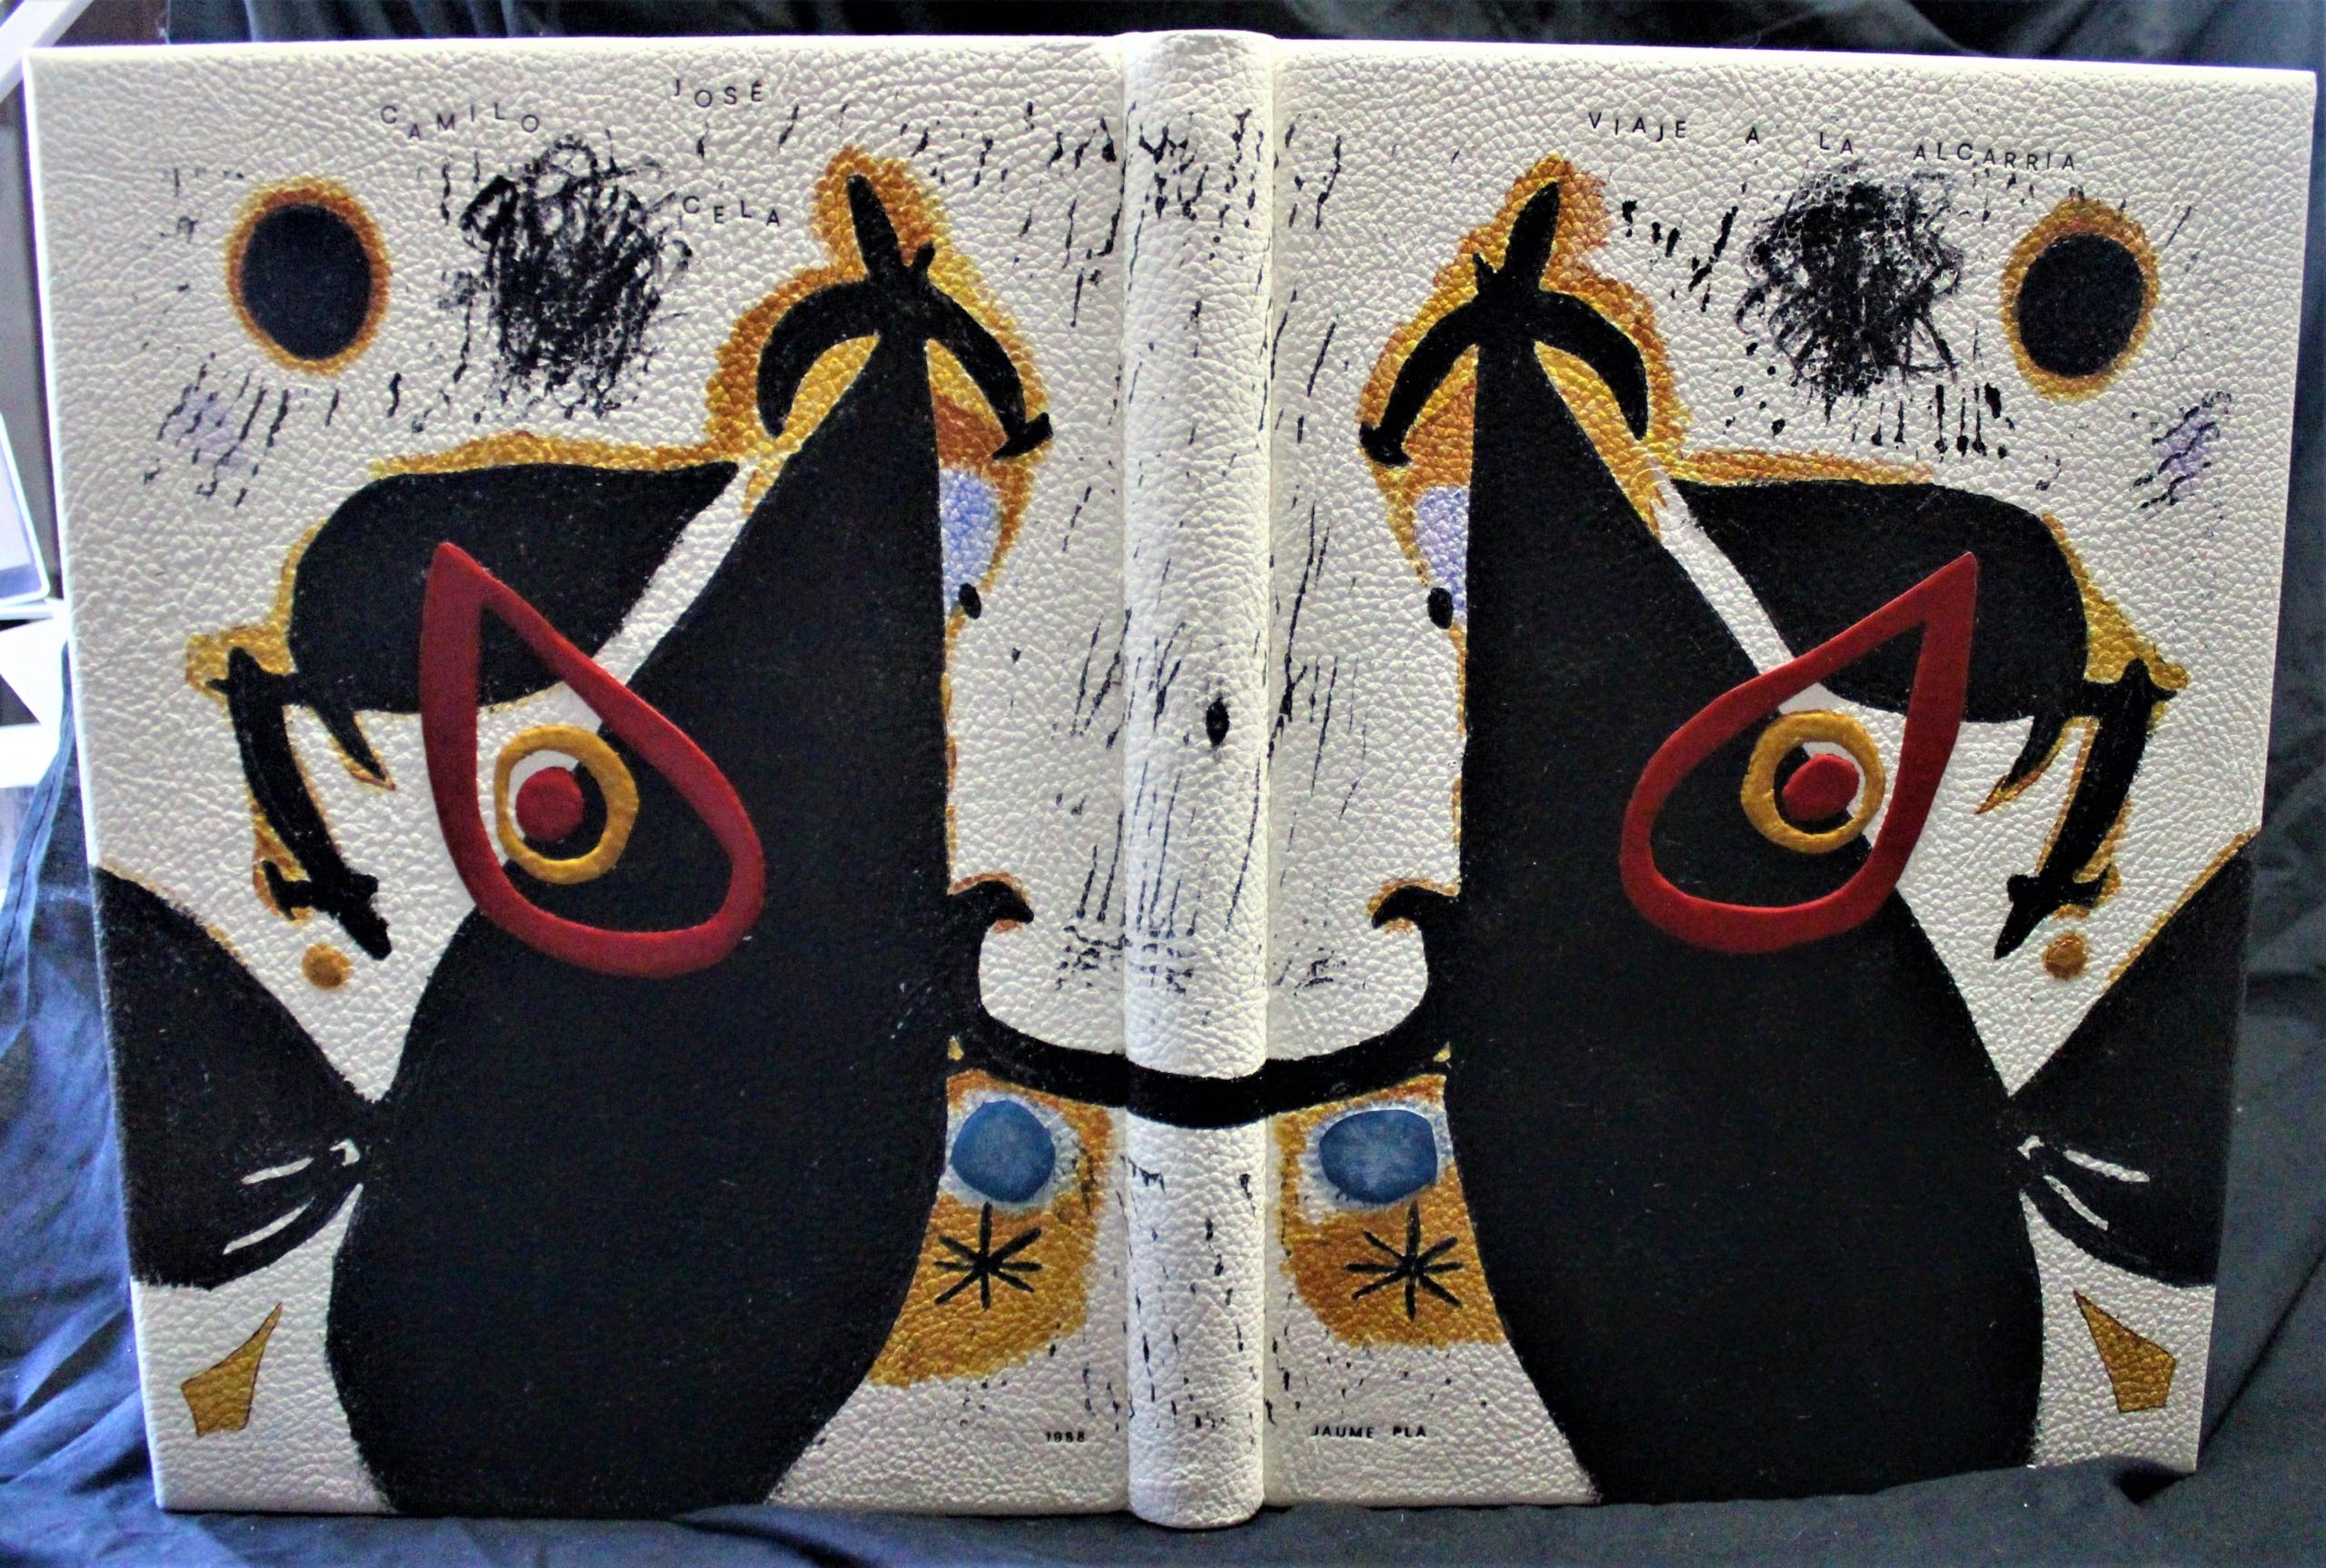 Viaje a la Alcarria (dedicado a Joan Miró)